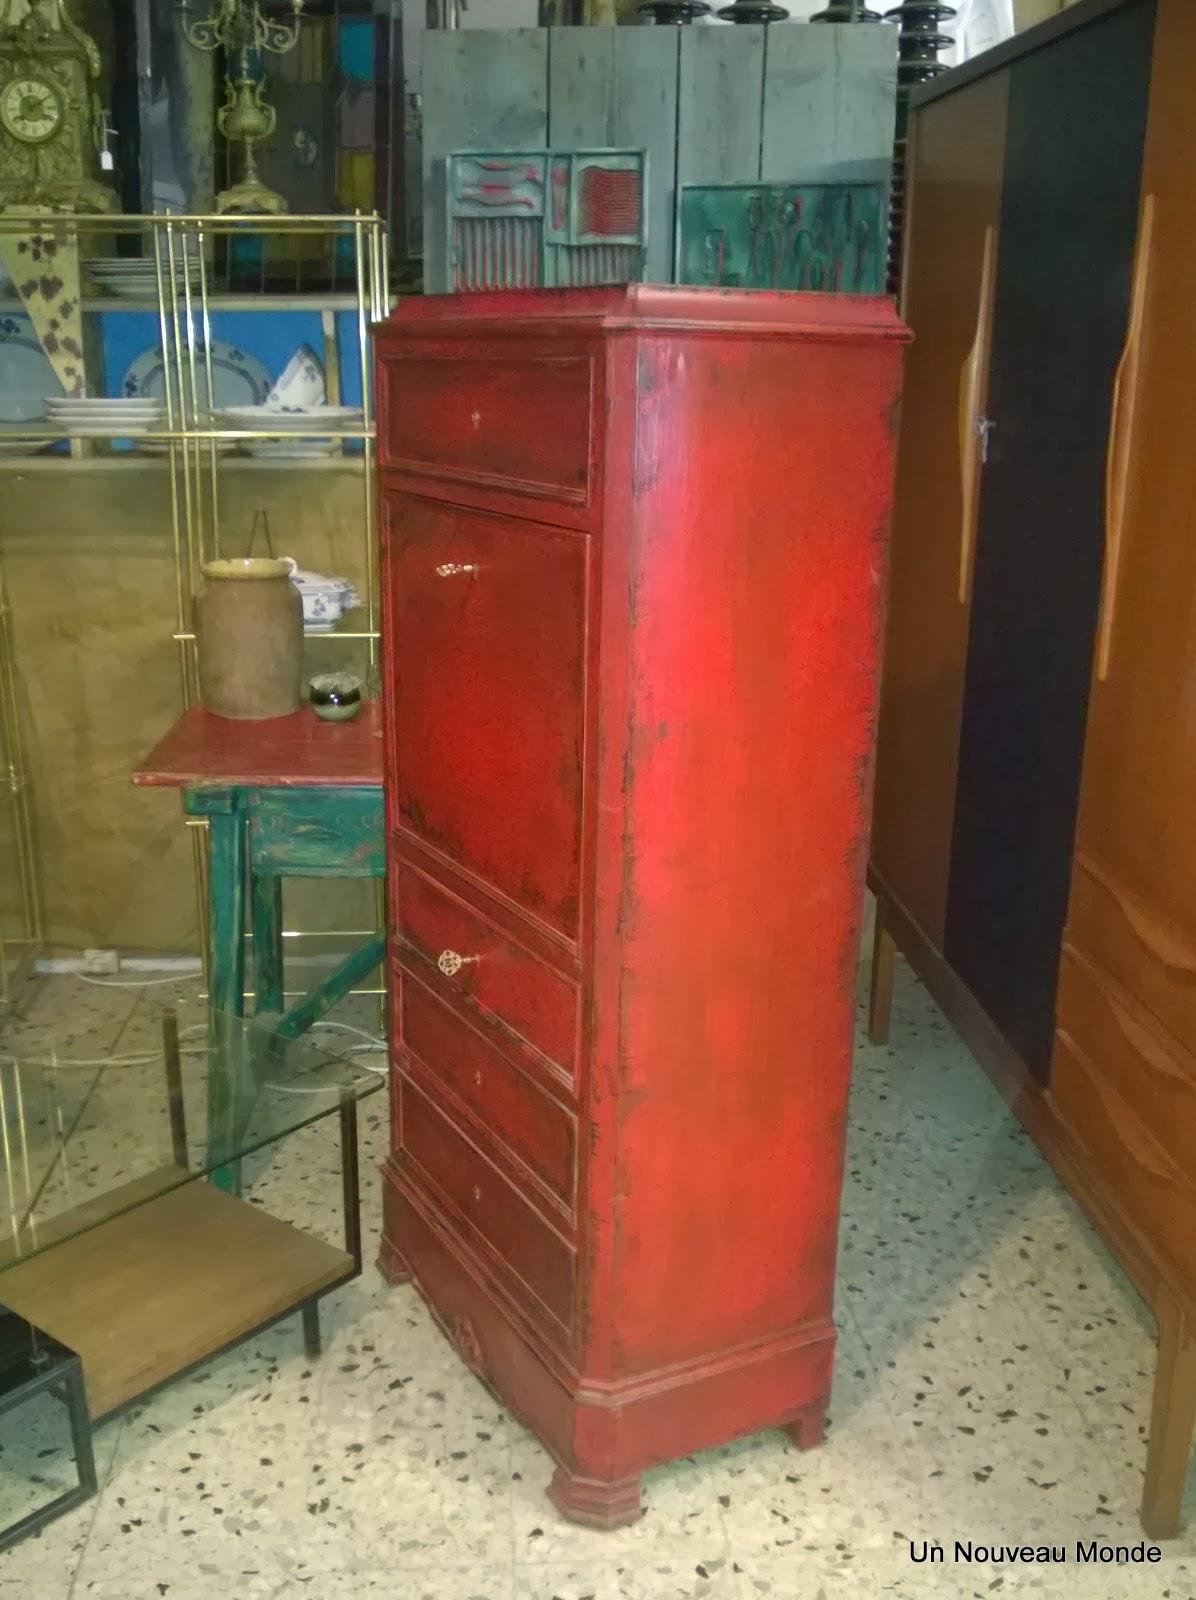 brocante d coration un nouveau monde secr taire napol on iii peint patin rouge. Black Bedroom Furniture Sets. Home Design Ideas